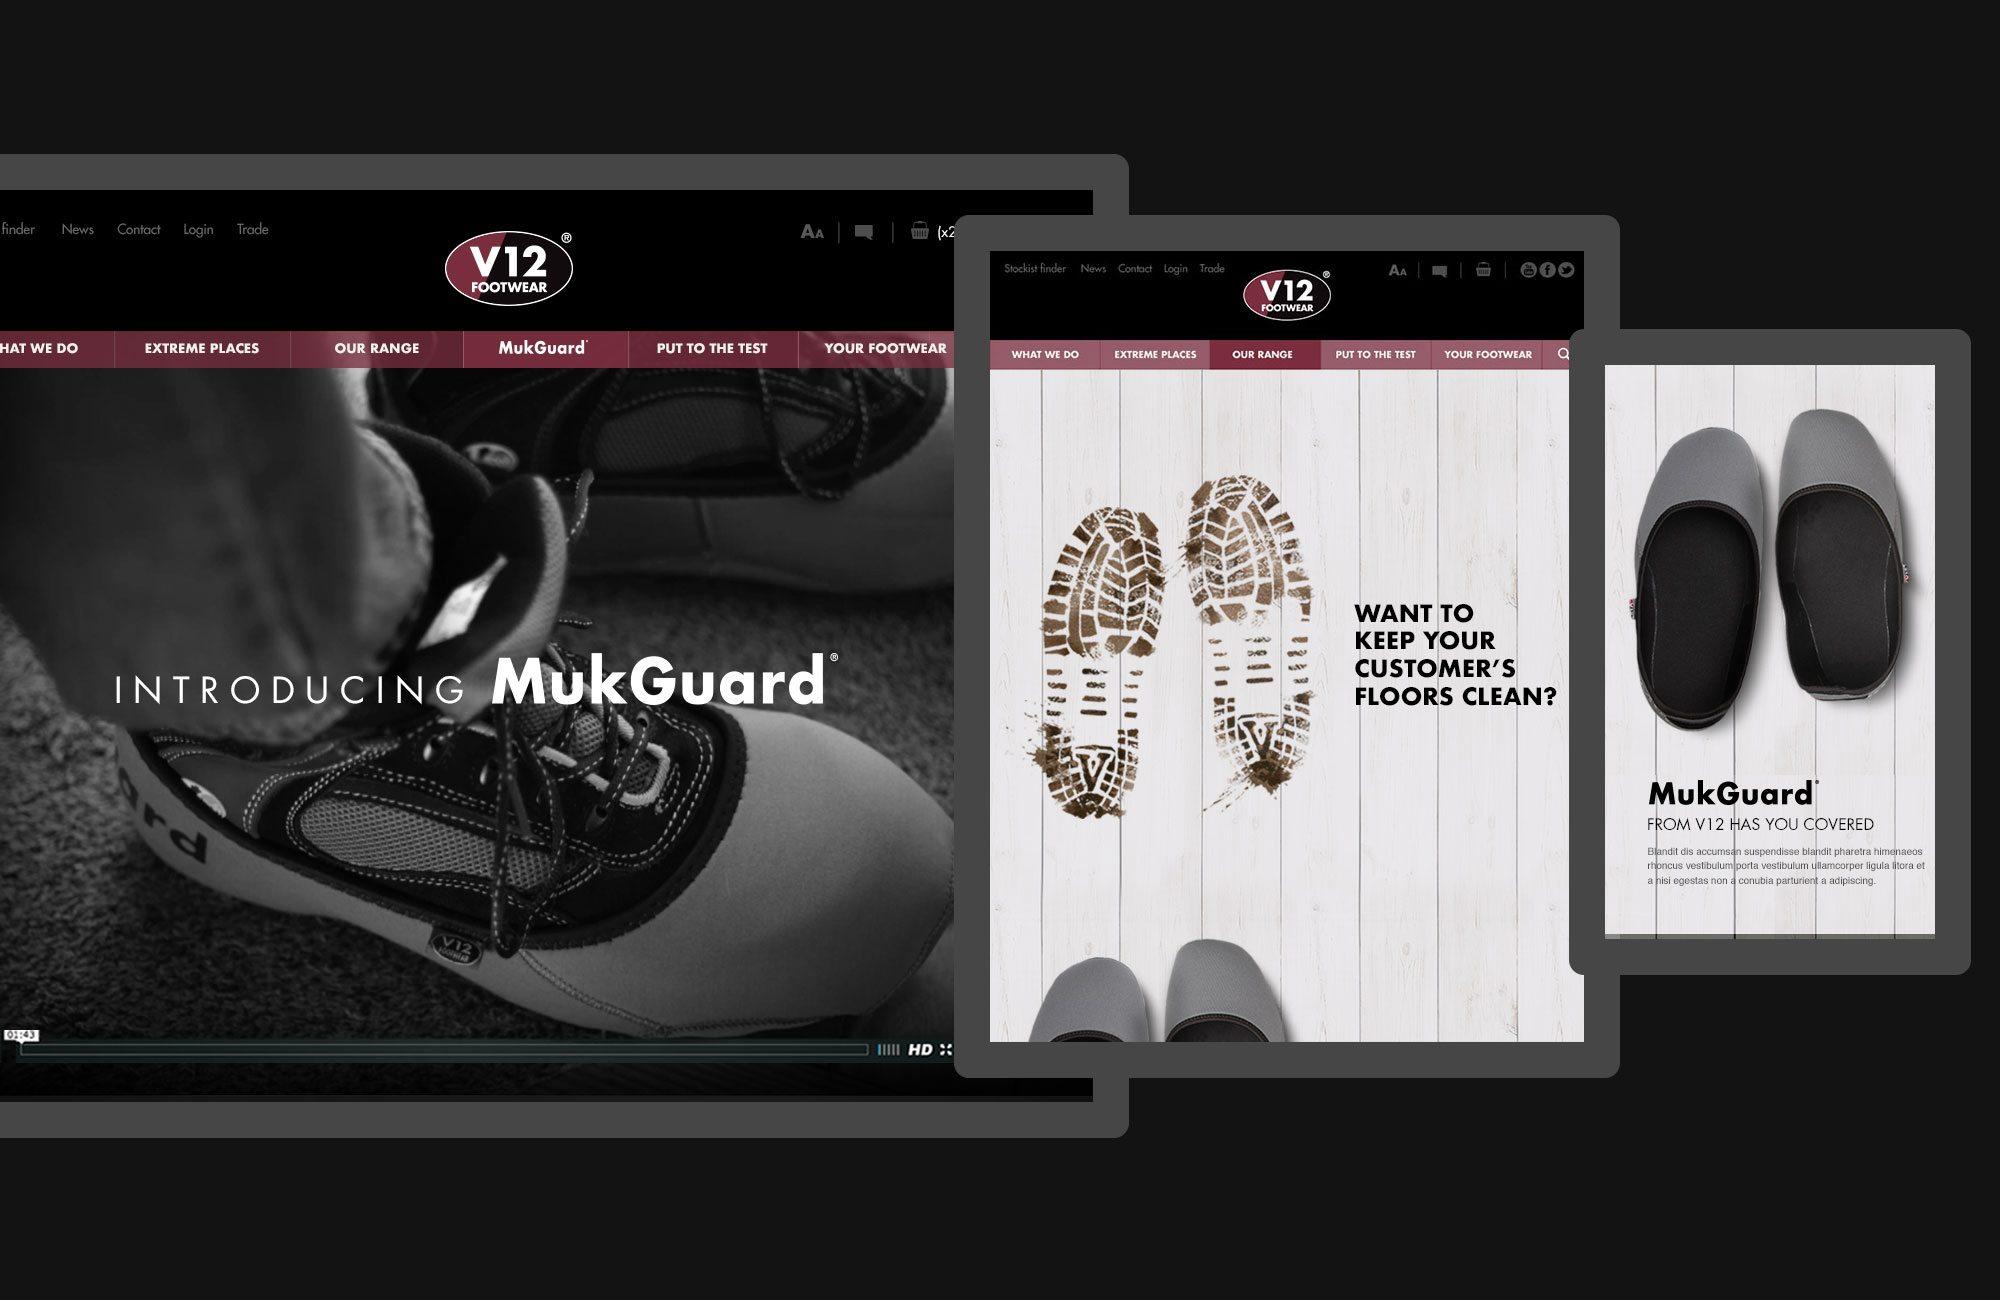 V12 Footwear MukGuard Website Design